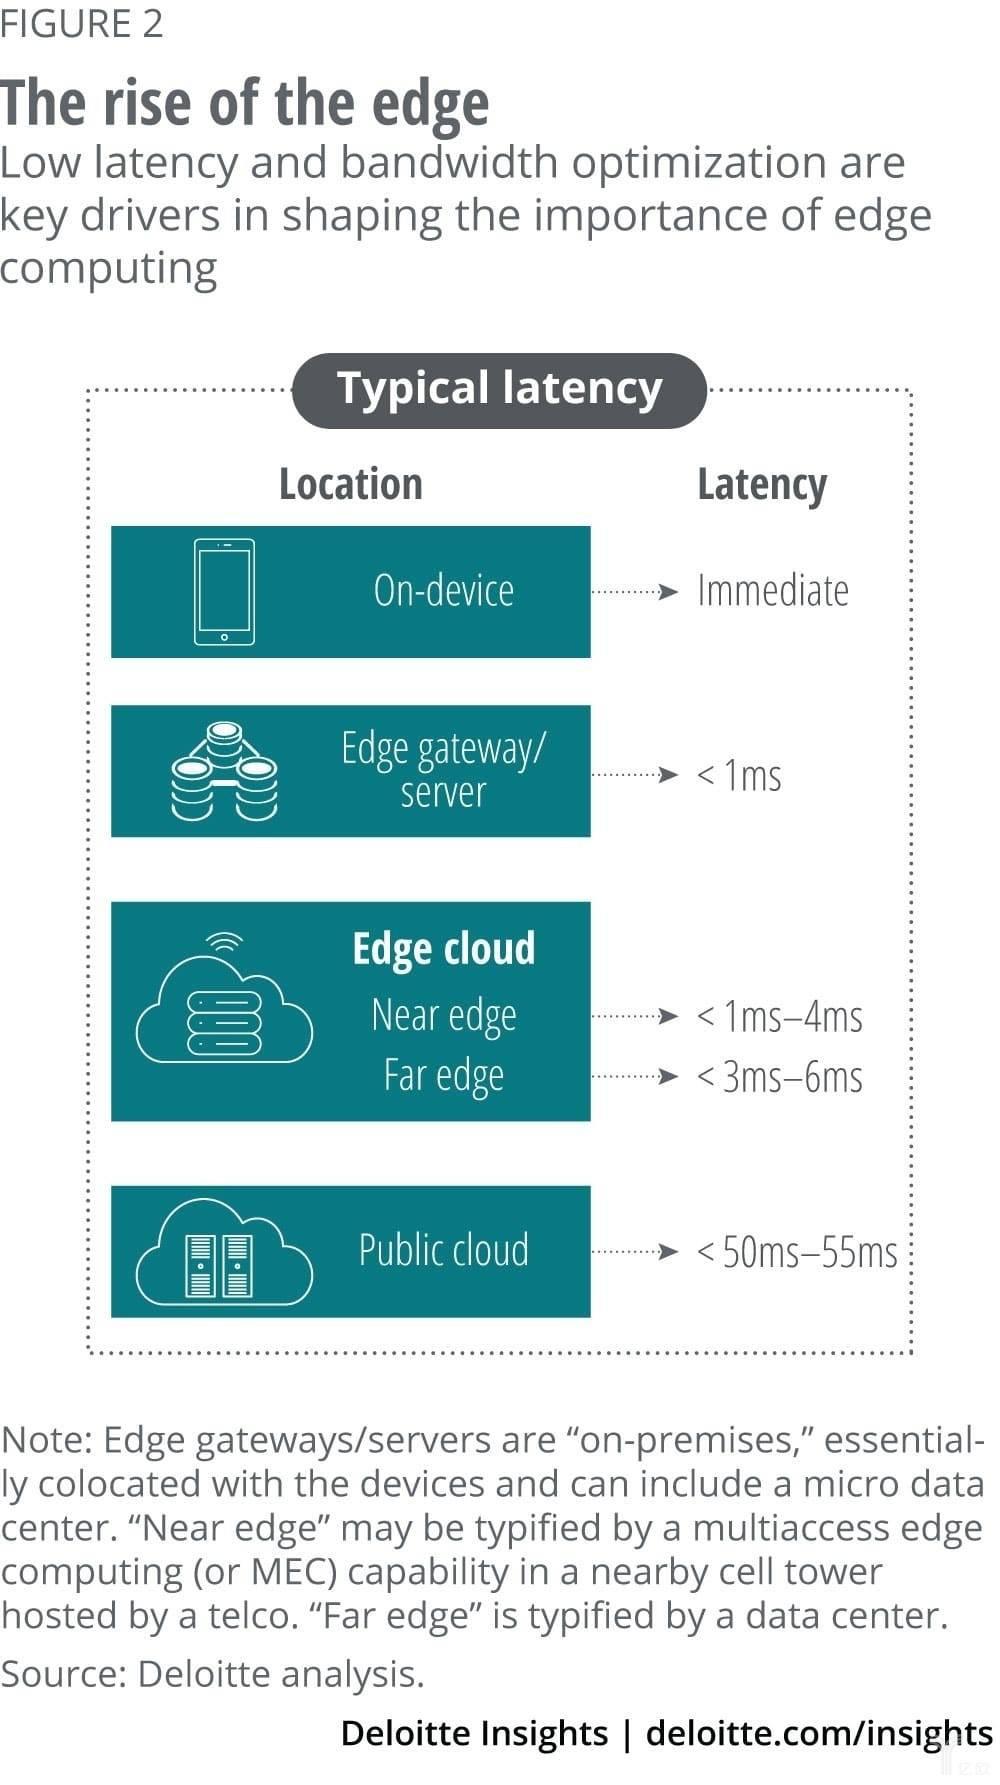 图2 从设备层到公共云不同层级的延迟时间范围